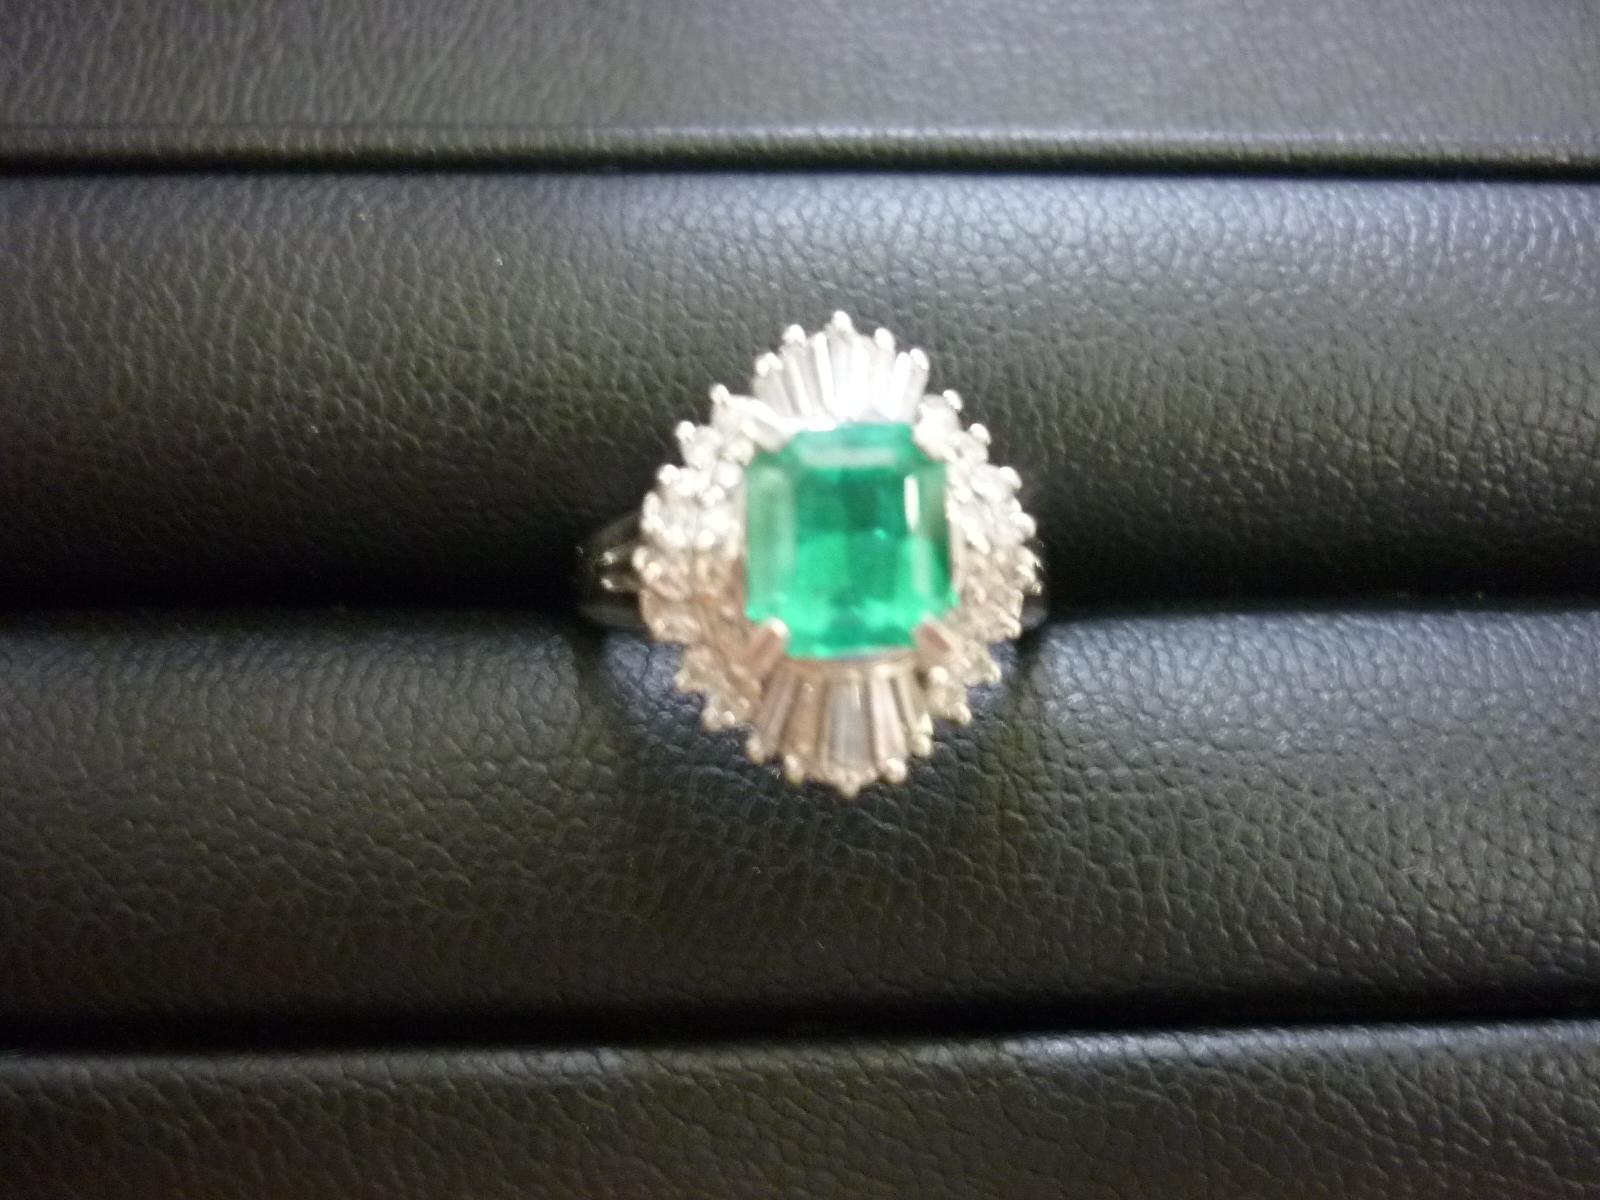 香芝市 宝石 エメラルド ダイヤモンド プラチナ リング 買取 王寺